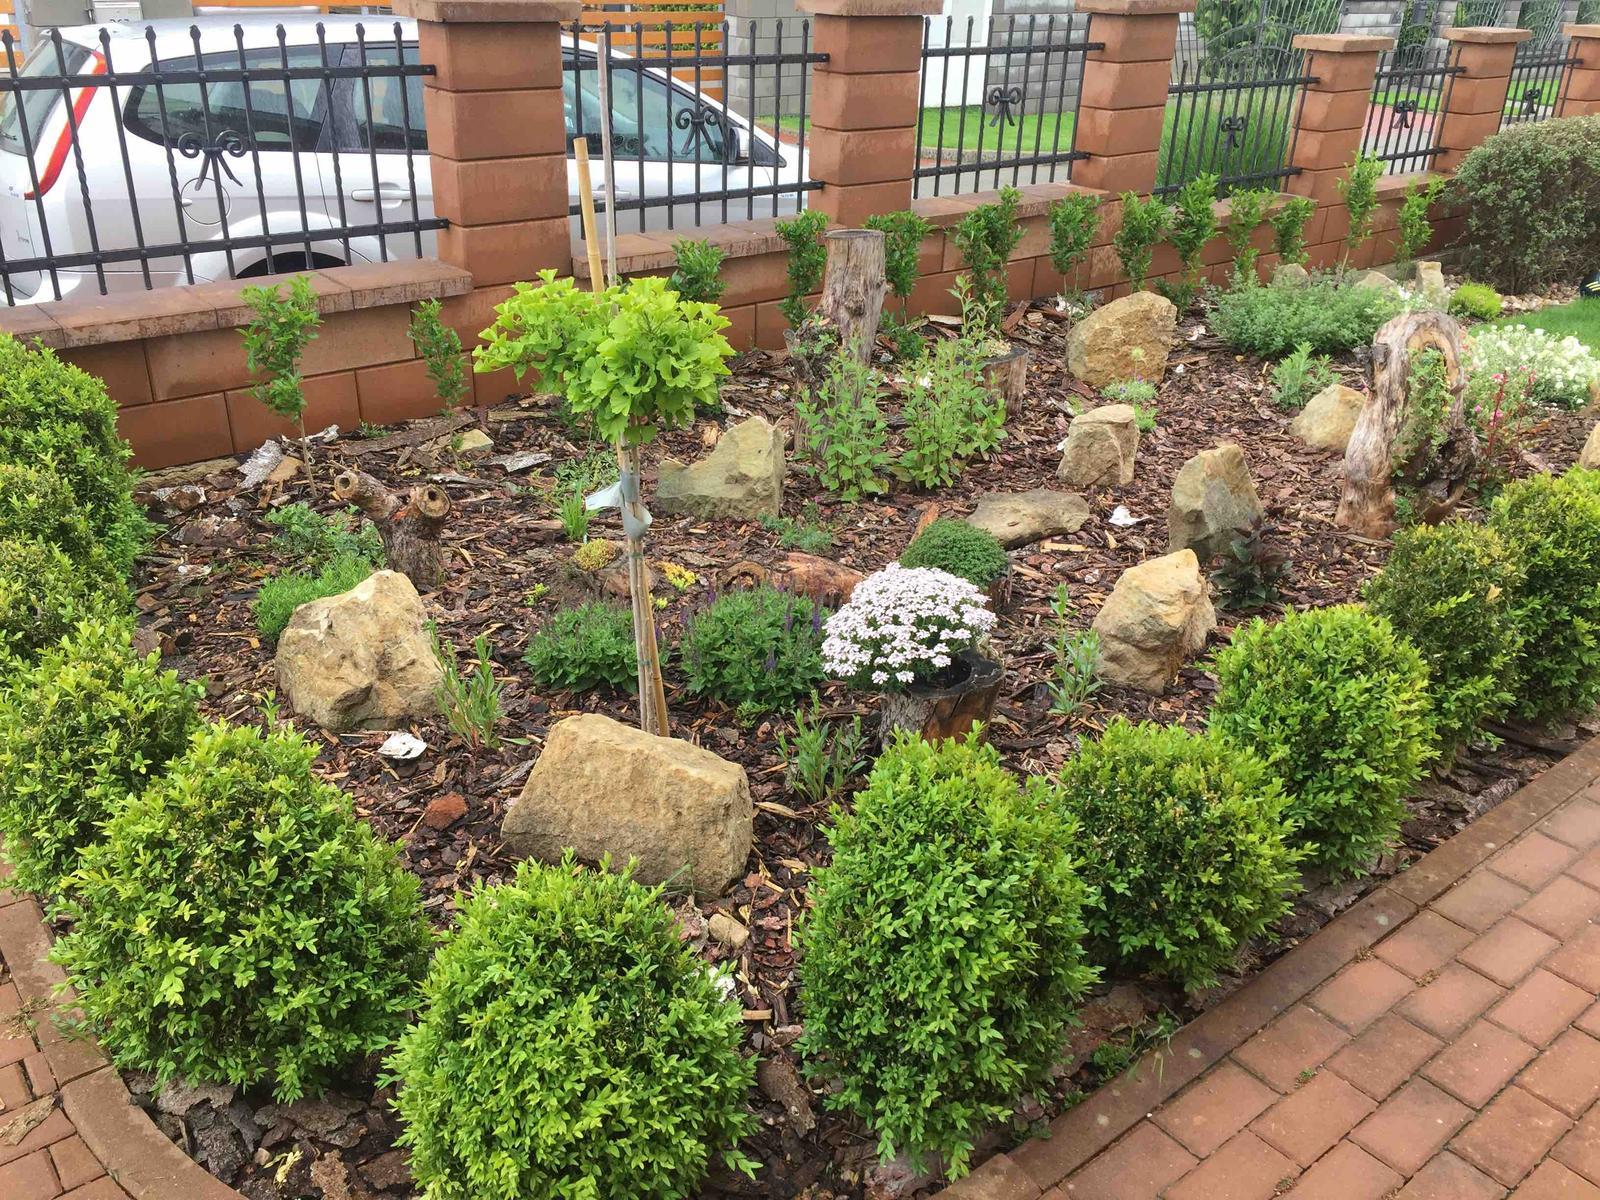 Naše barevná zahrada 🌸 rok 2020 - Nový záhon z loňského roku a buxusy se po najézdech housenek pěkně zase vzpamatovaly 👌